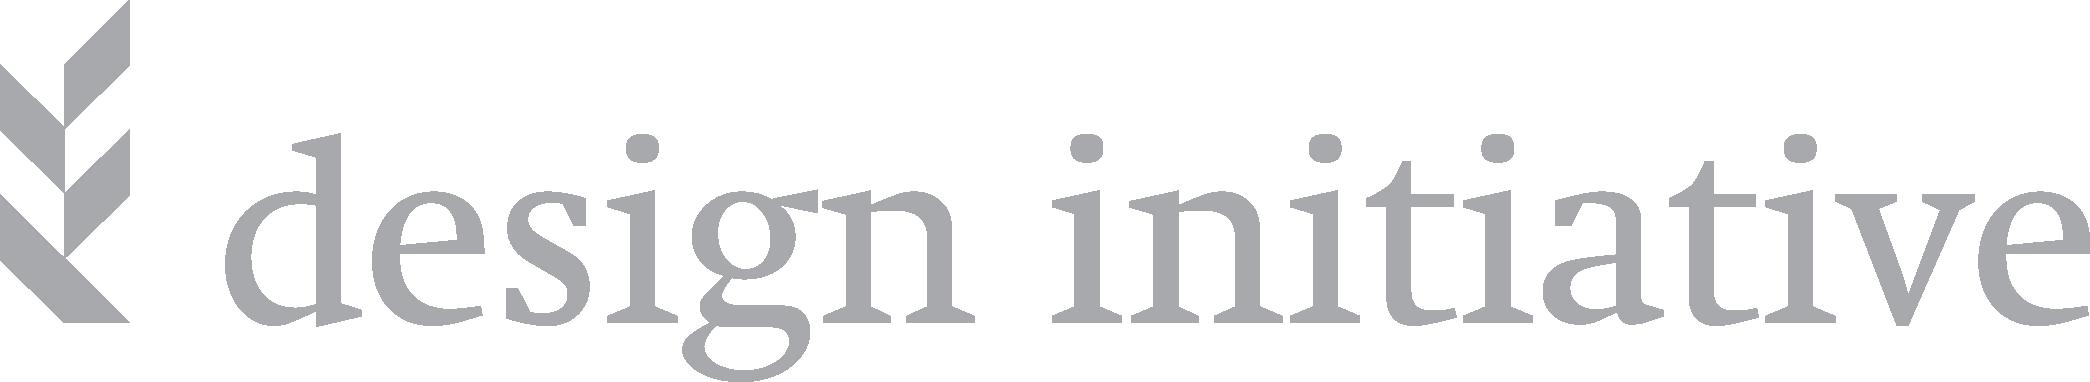 Design Initiative